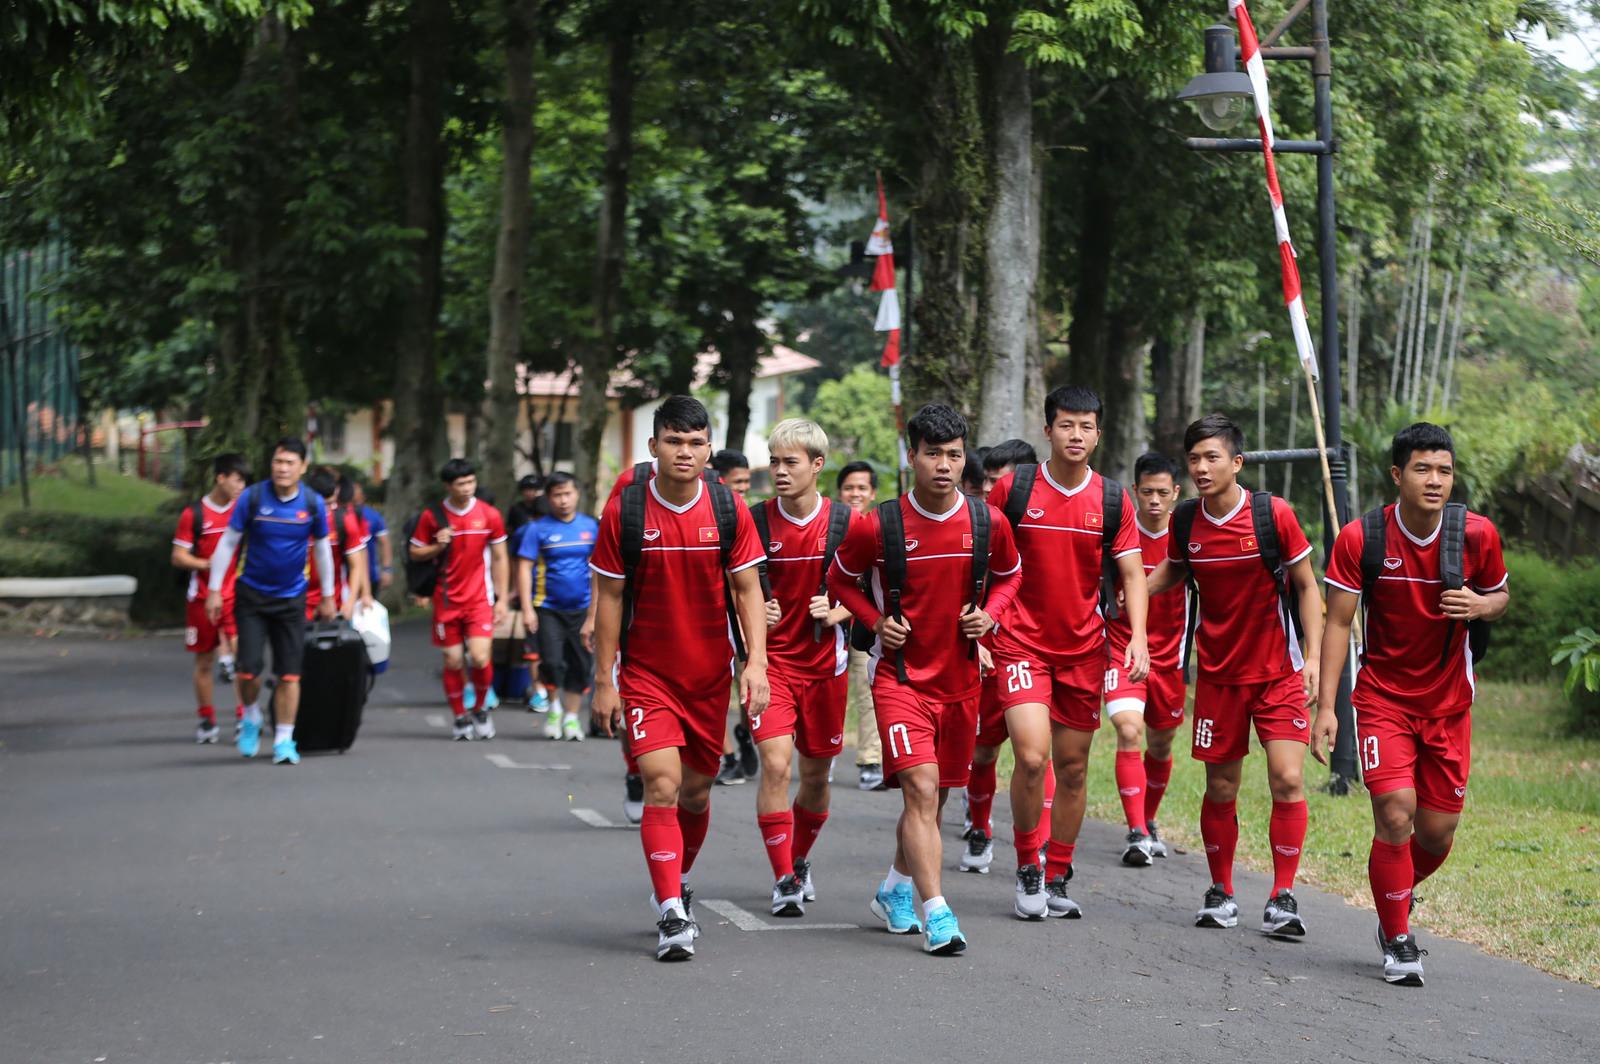 đội tuyển, Olympic Việt Nam, Việt Nam, tin8, hình ảnh, UAE, thi đấu, ASIAD 2018